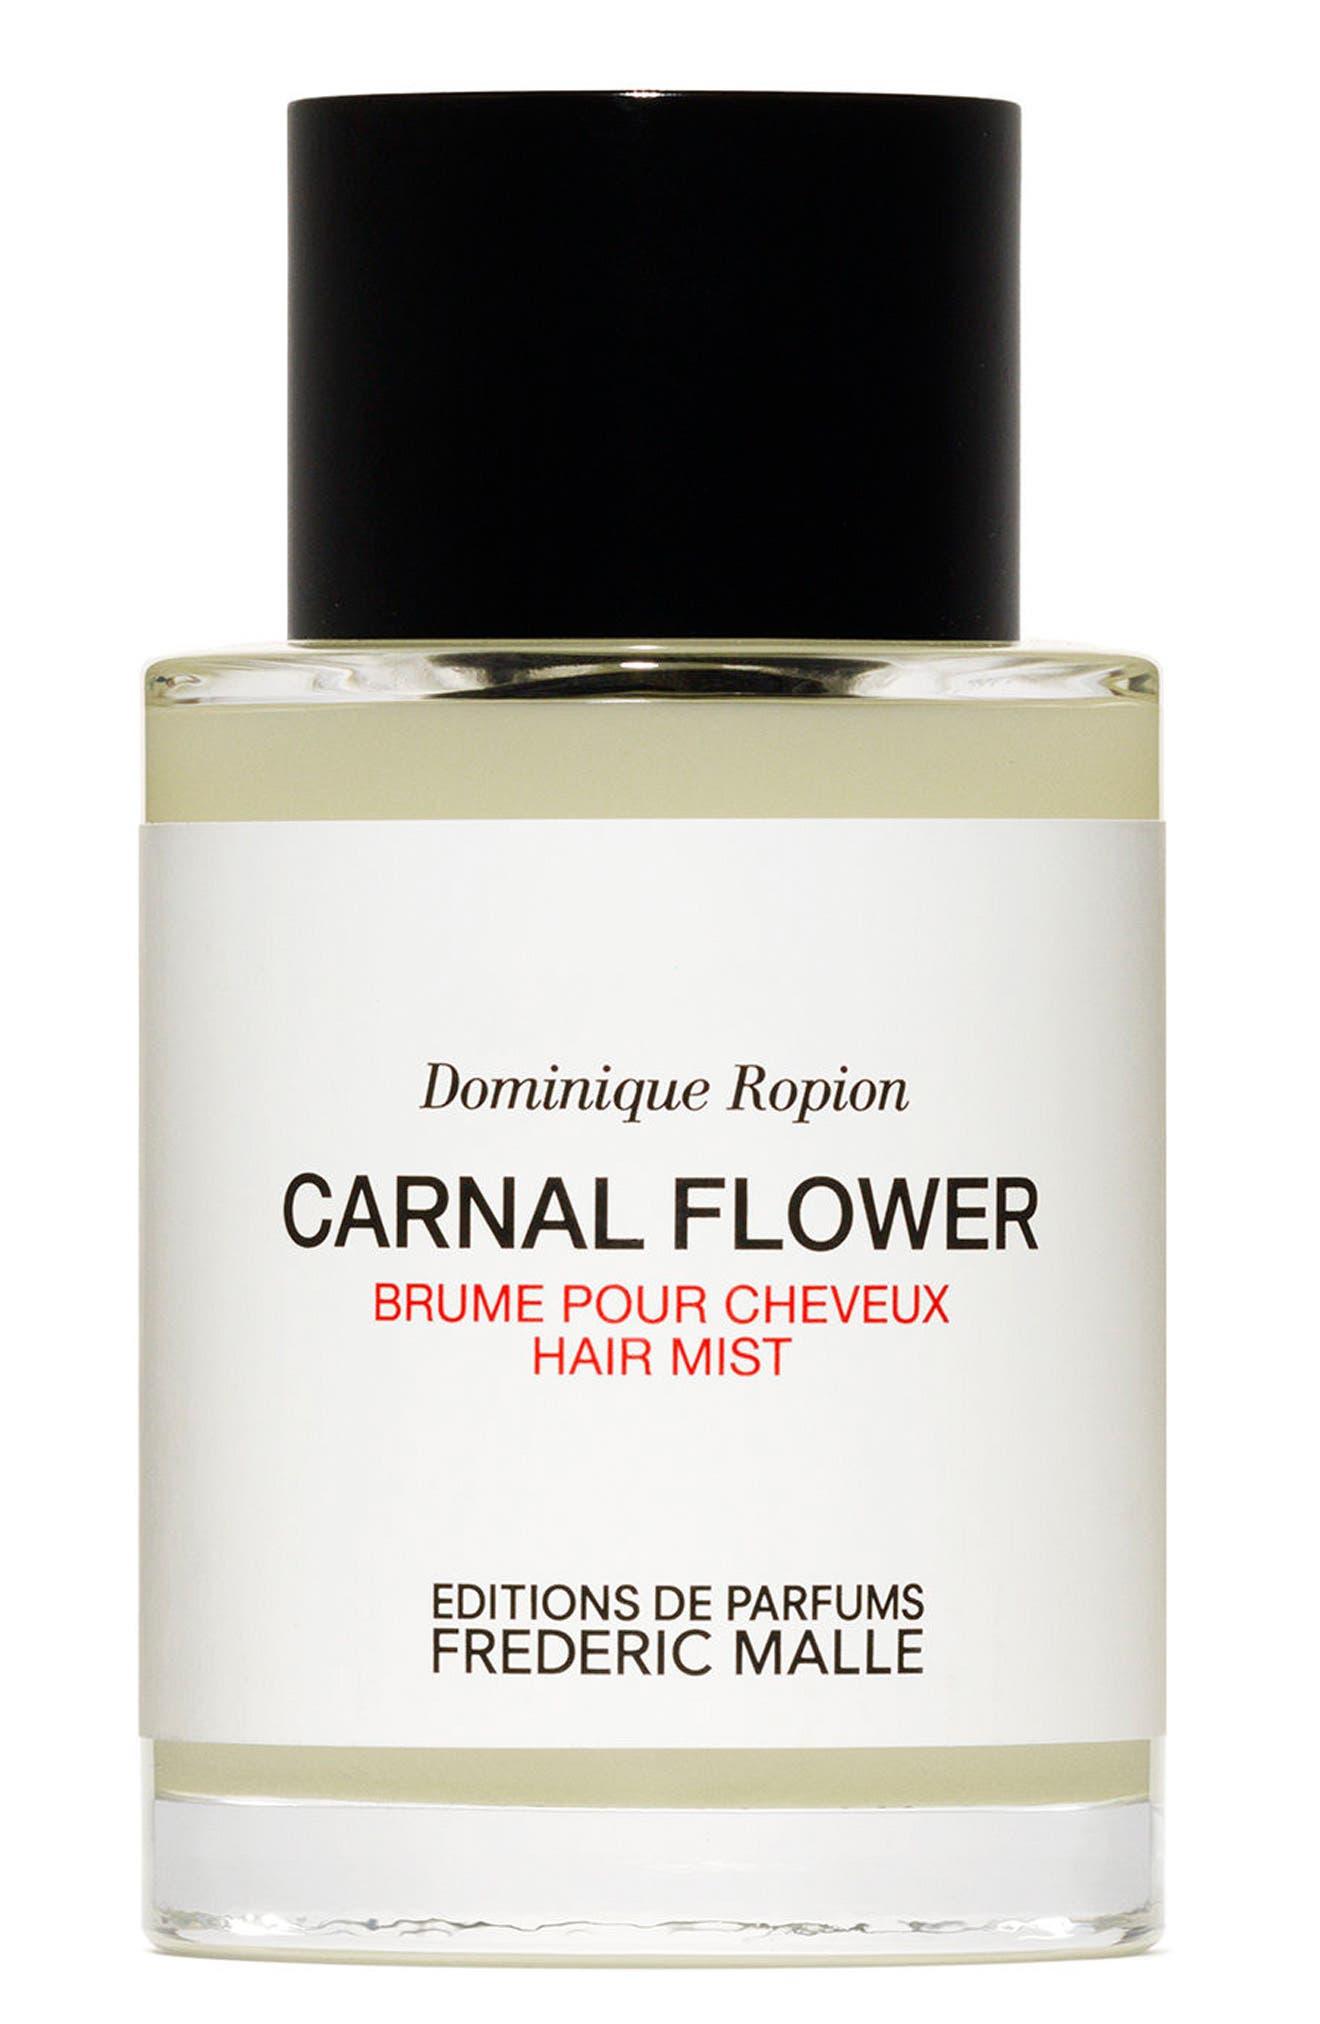 Editions de Parfums Frédéric Malle Carnal Flower Hair Mist,                             Main thumbnail 1, color,                             NO COLOR